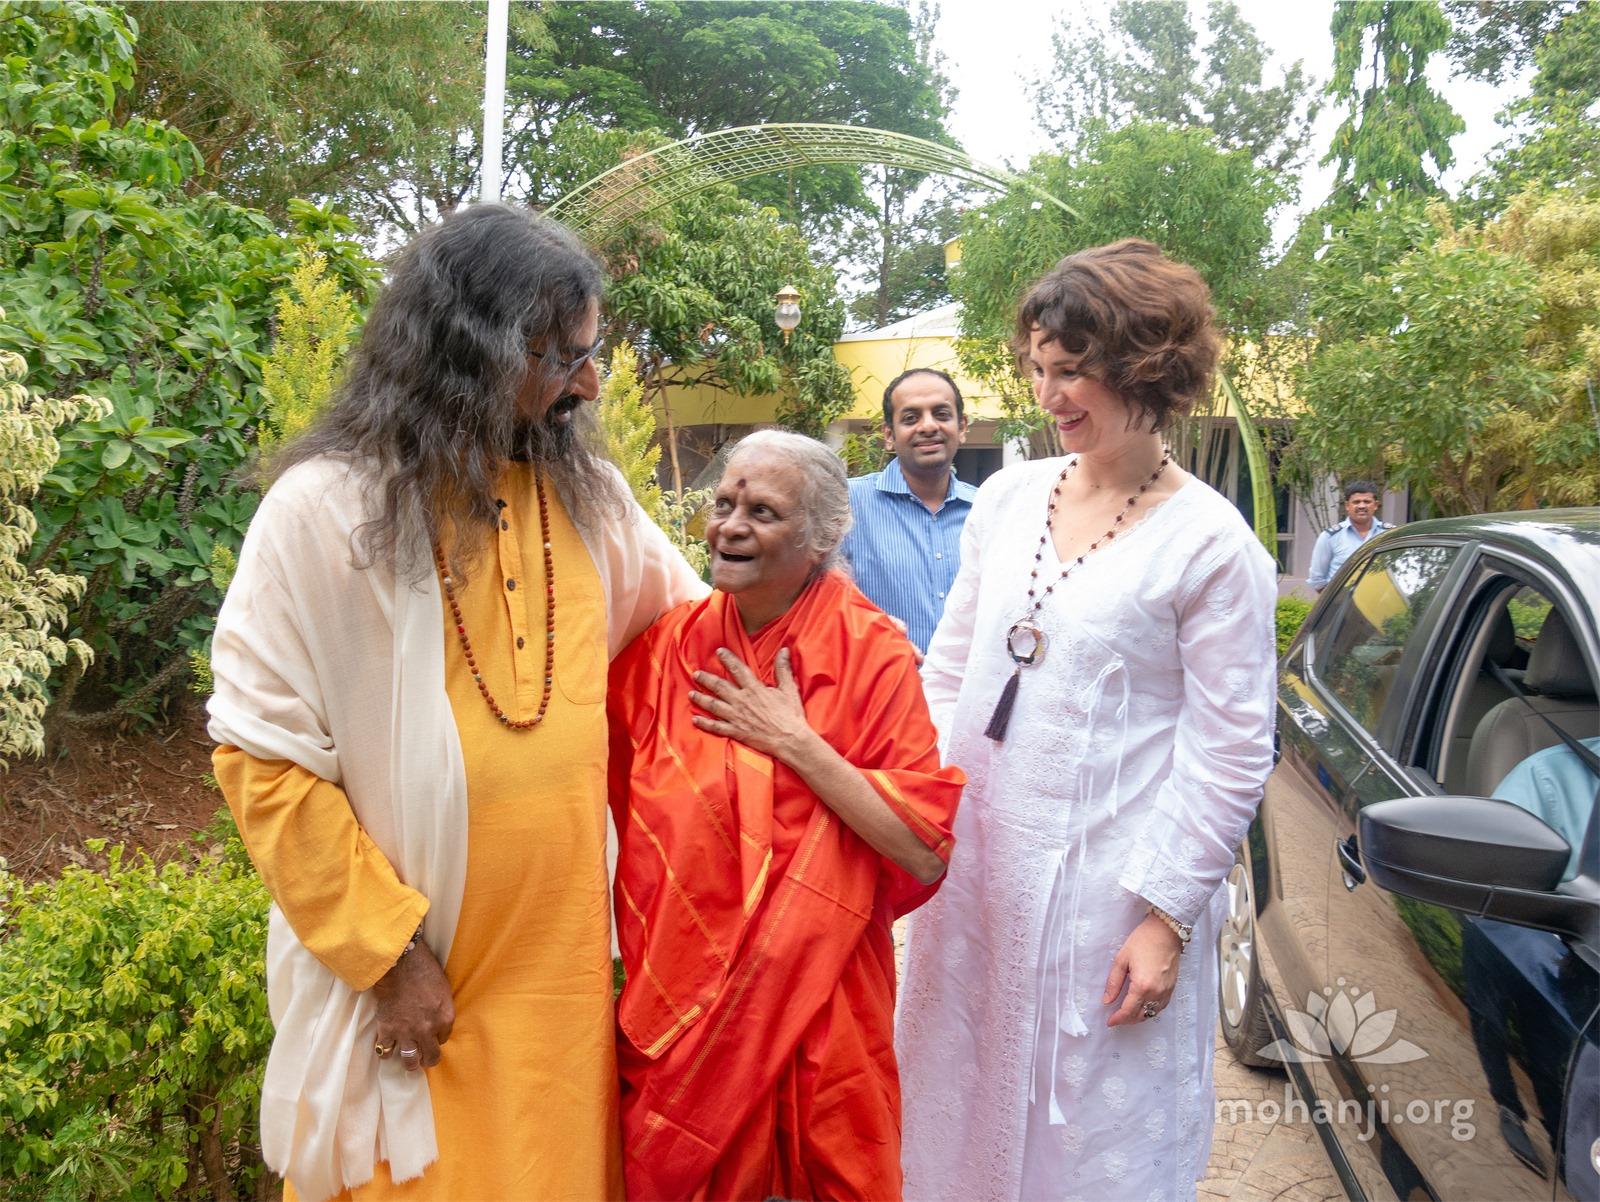 Mohanji and Devi Amma